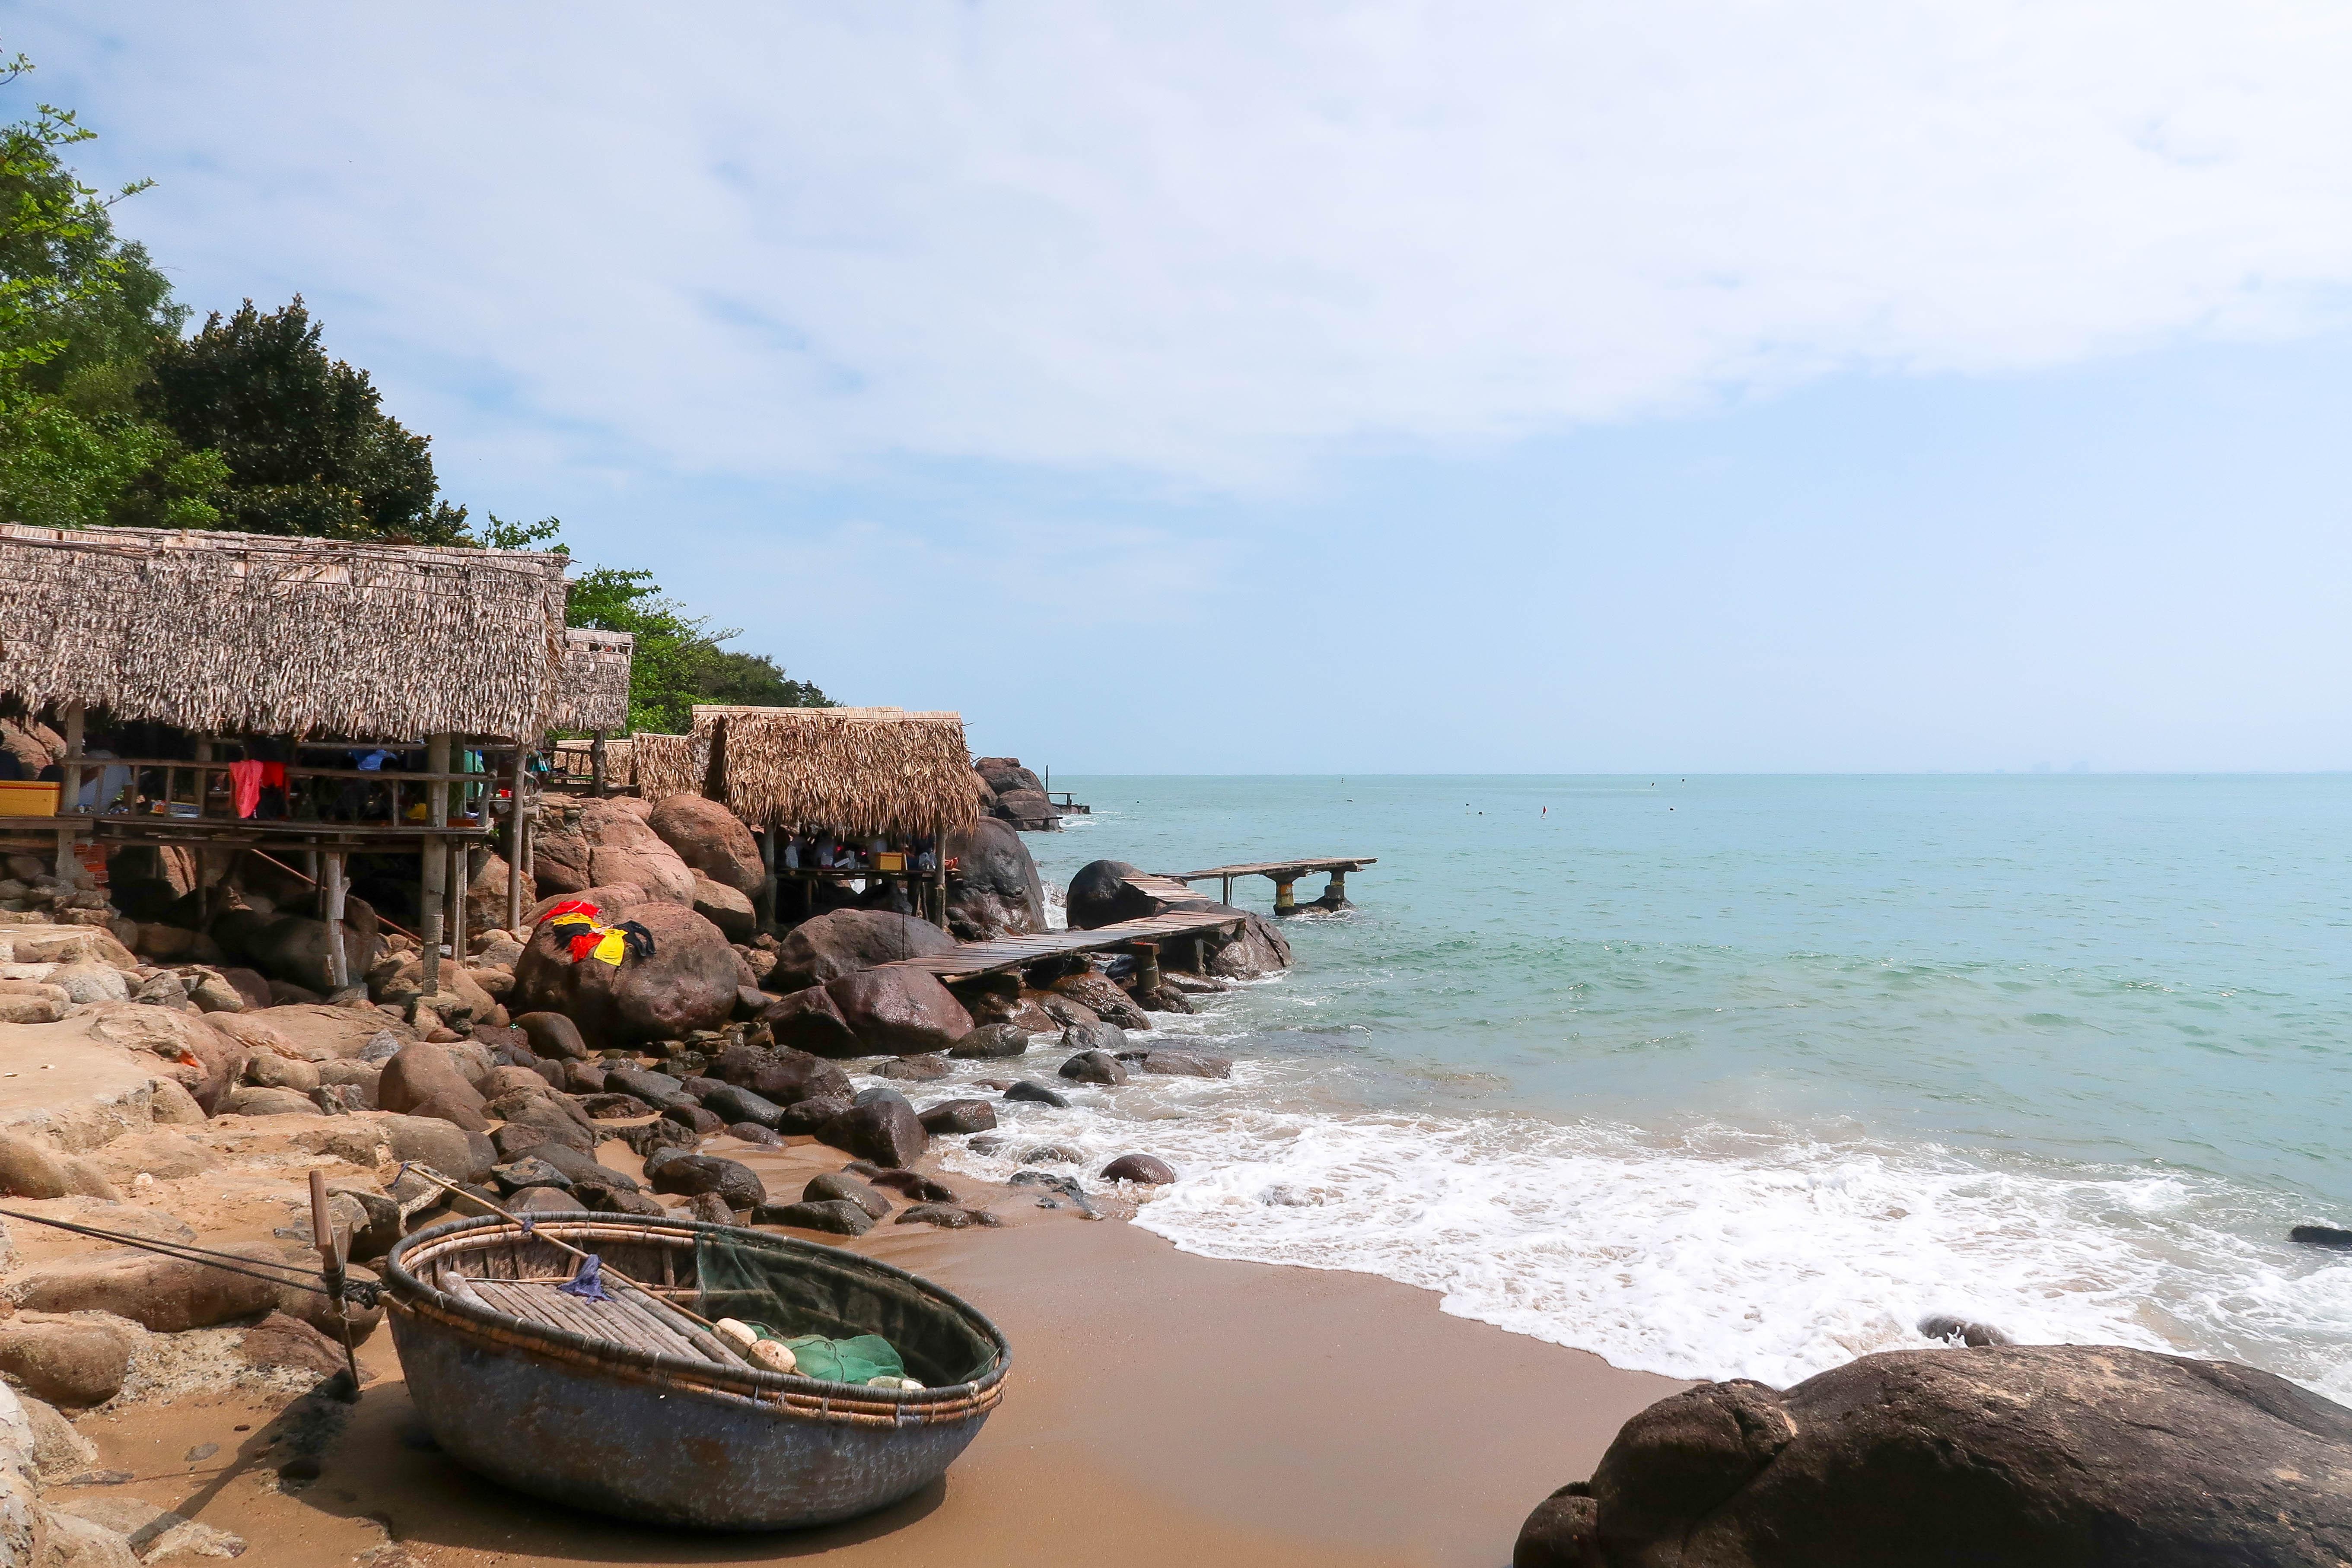 Plage cabane 1 sur 1 - VIETNAM